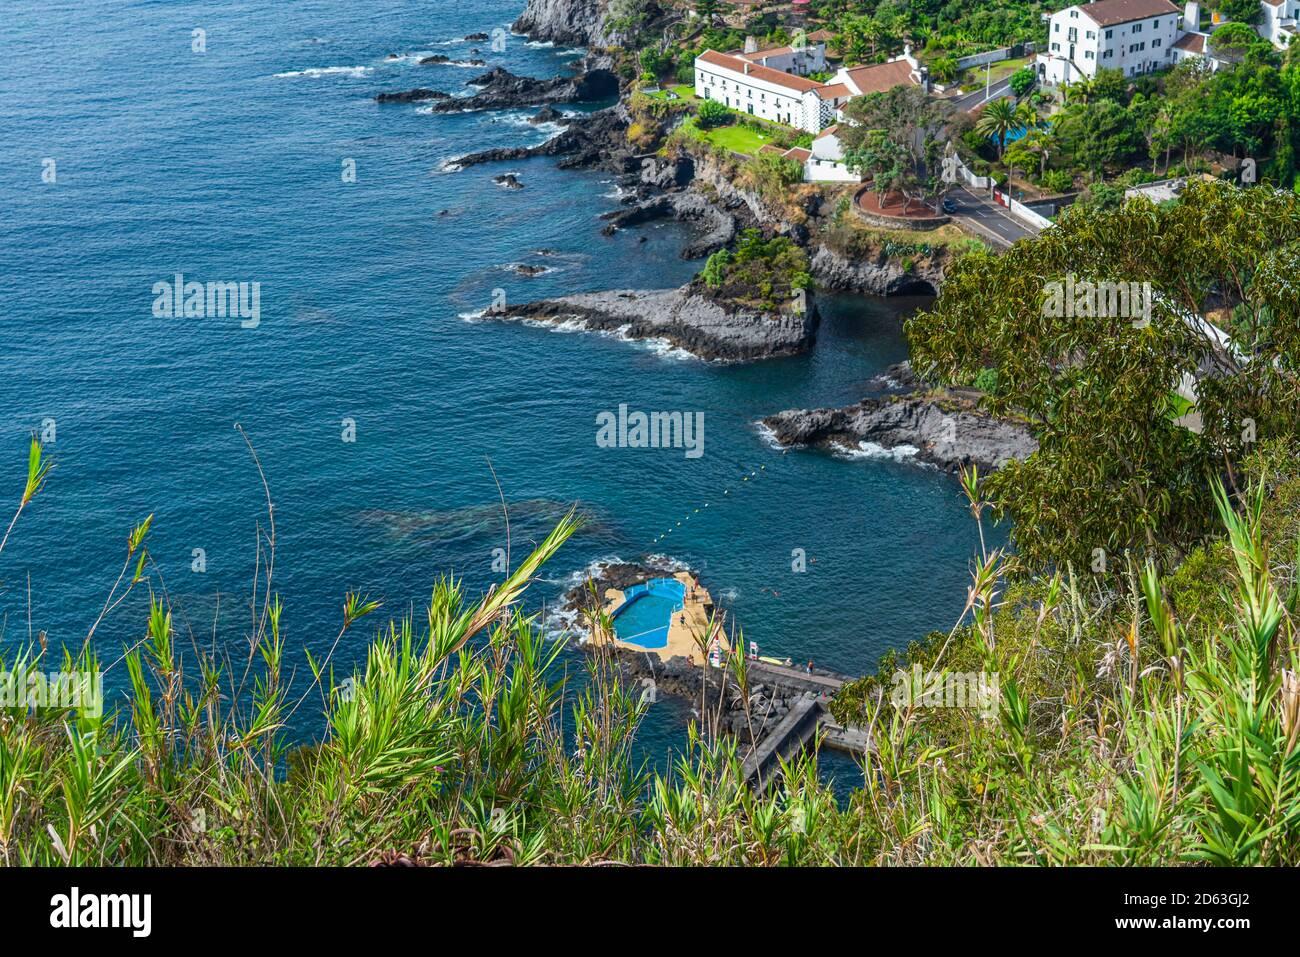 Mirador de la bahía de Caloura con la piscina natural en la isla de Sao Miguel, Azores Foto de stock